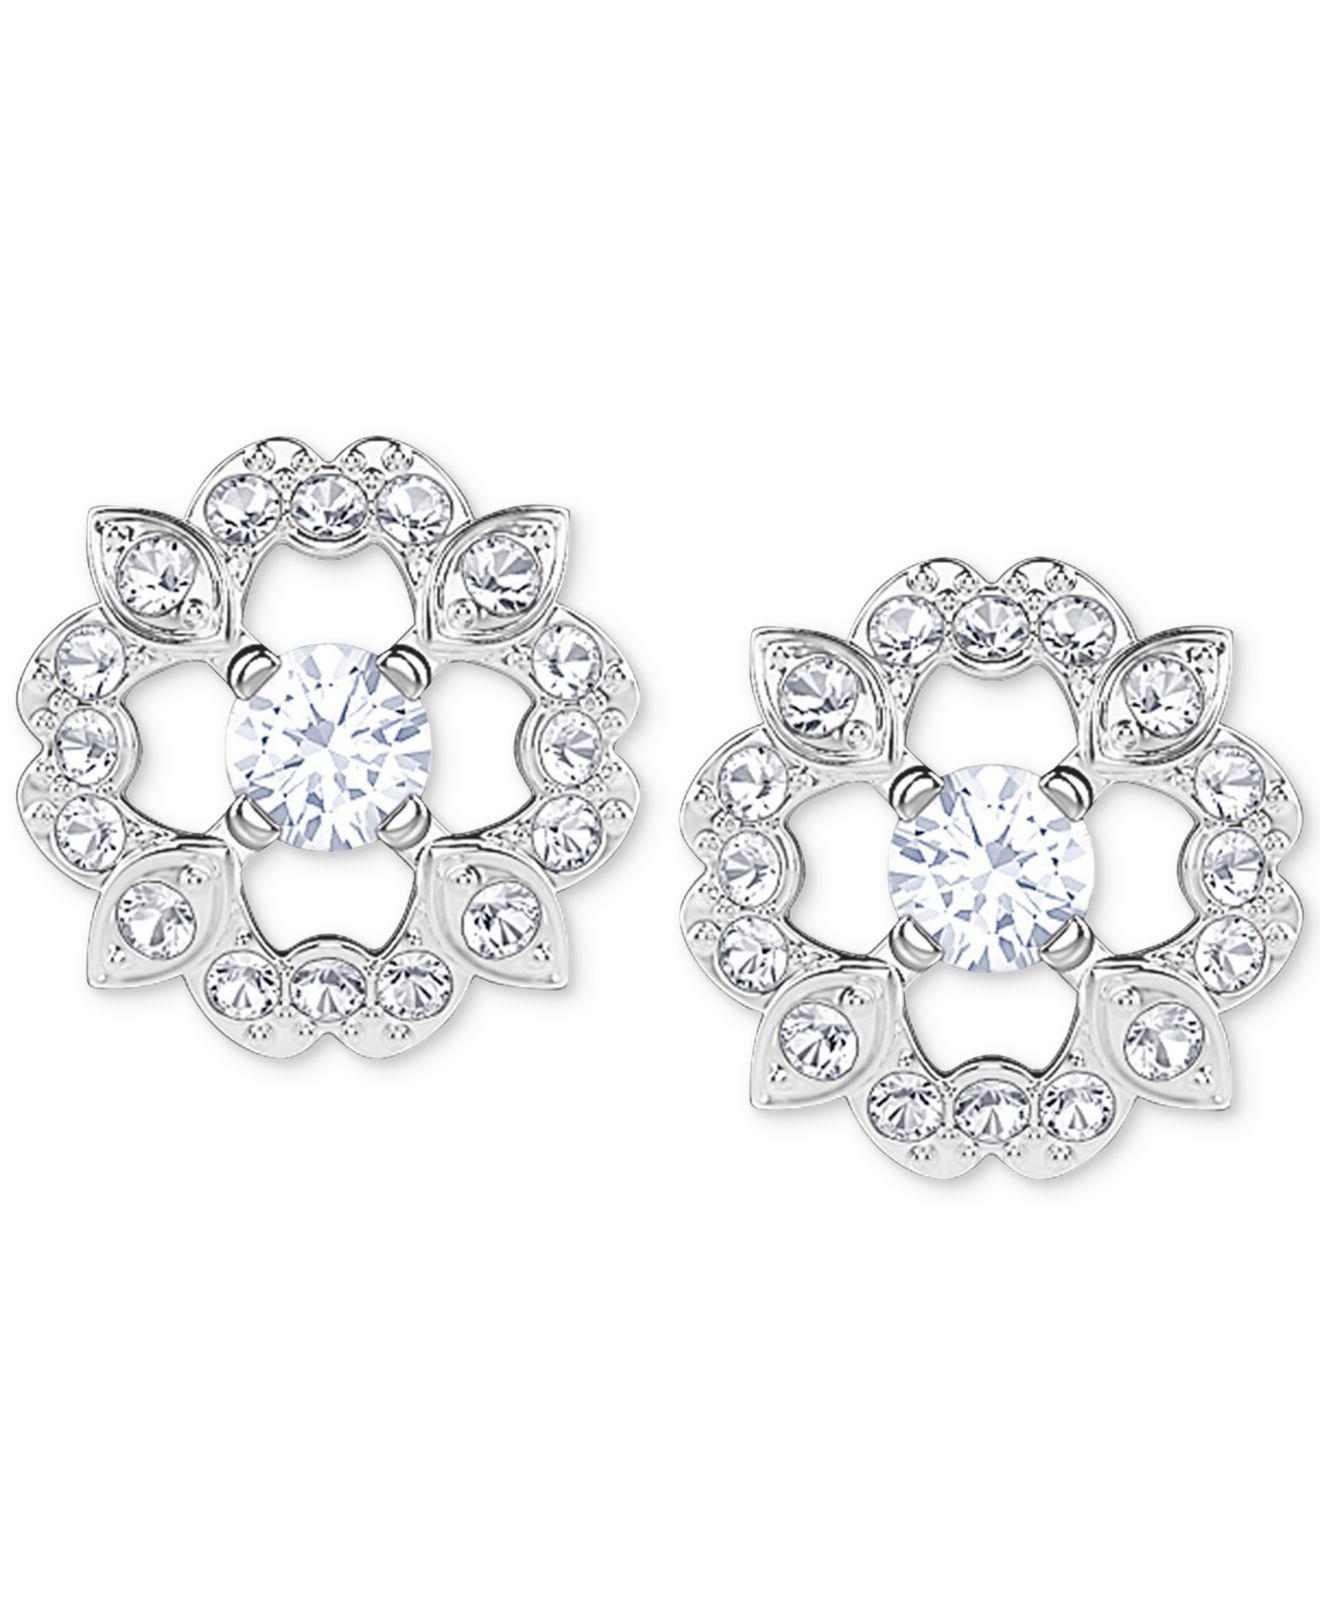 Swarovski Women S Metallic Silver Tone Crystal Flower Stud Earrings